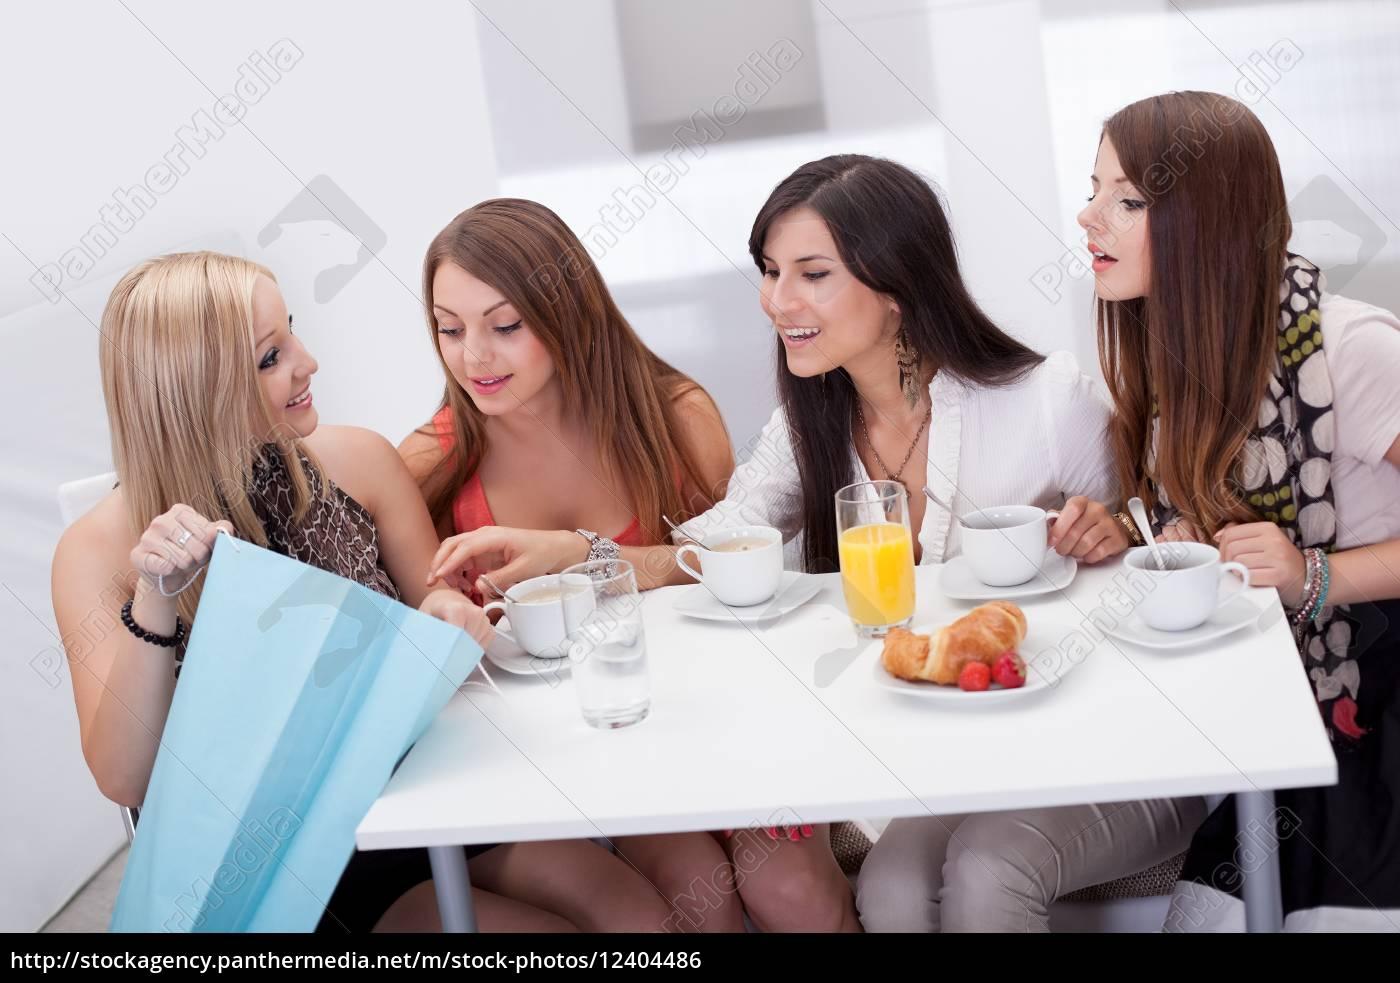 mulheres, amigos, que, olham, compras - 12404486